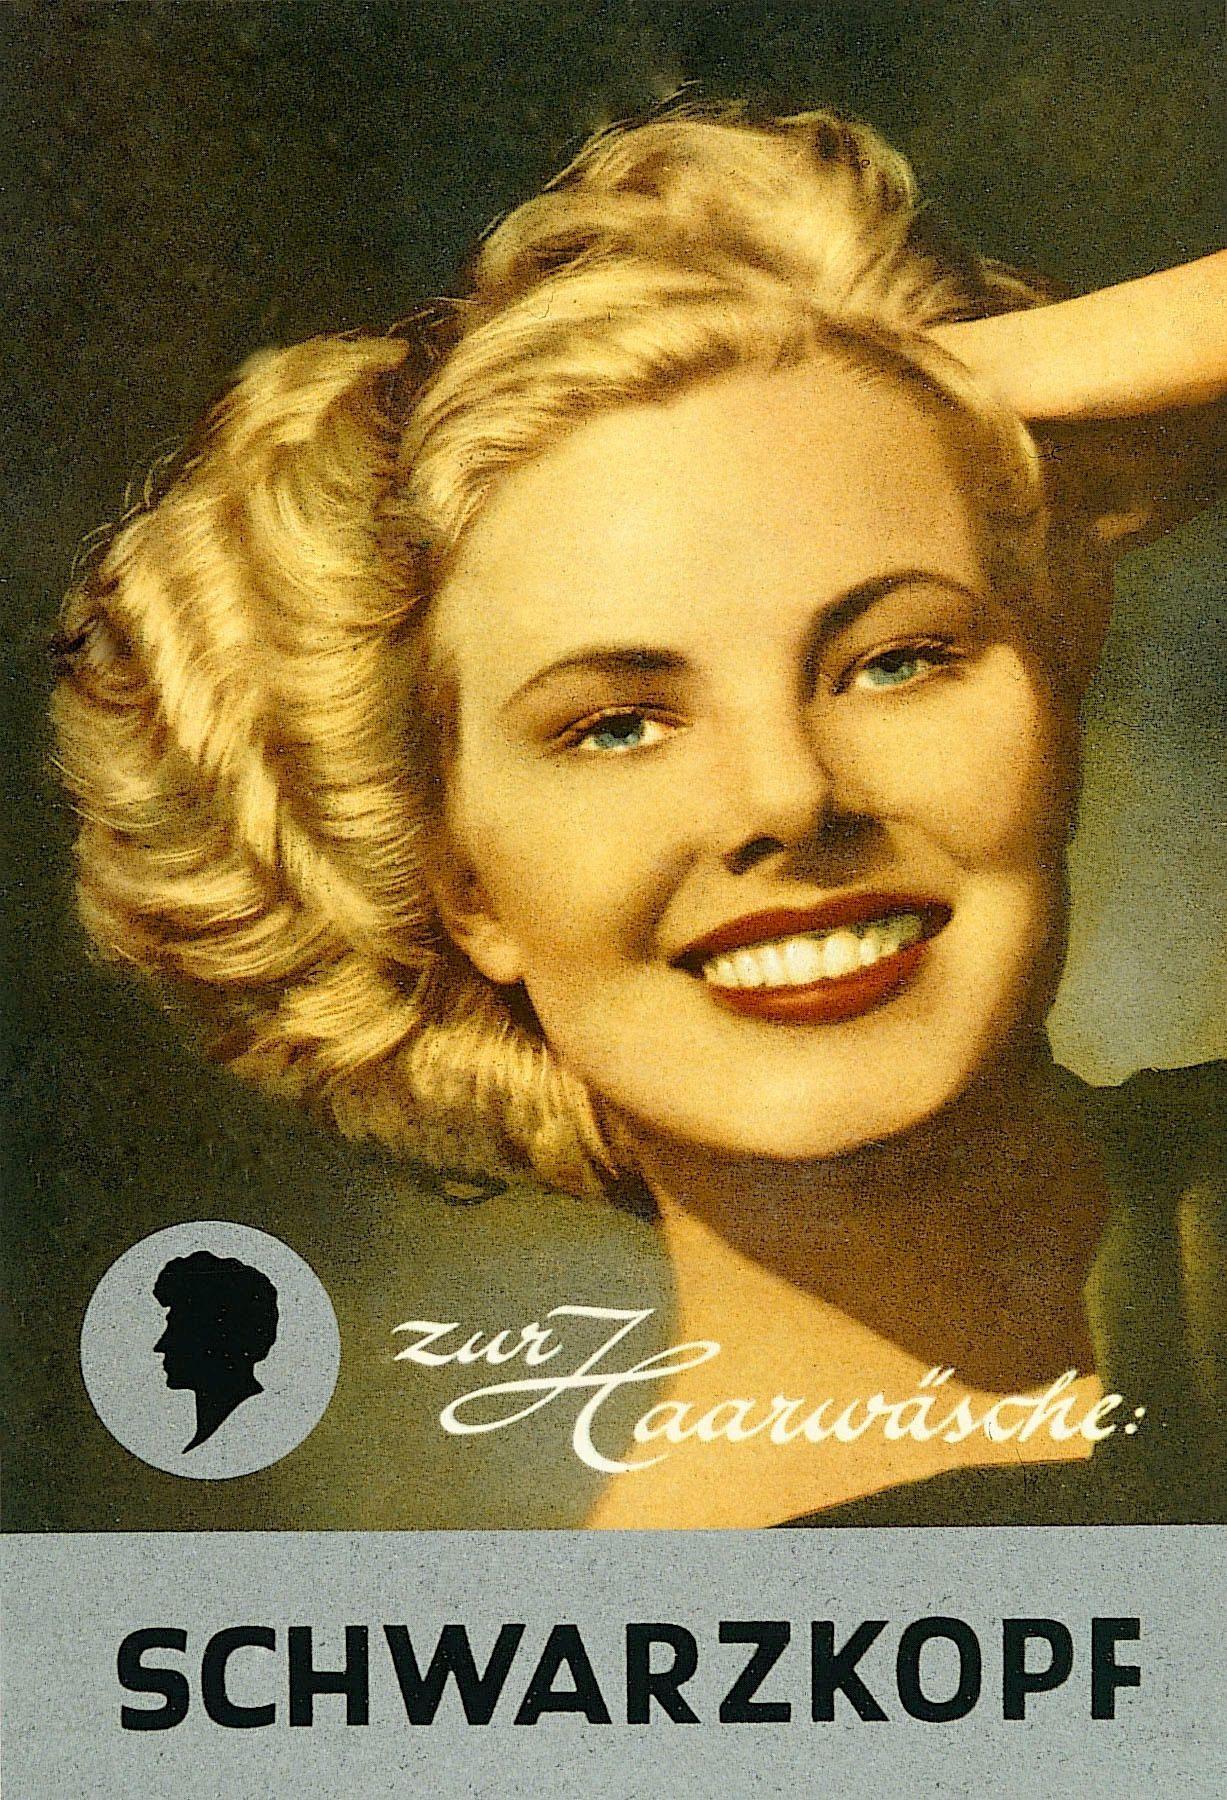 Alte Werbung Frisuren historisch Pinterest